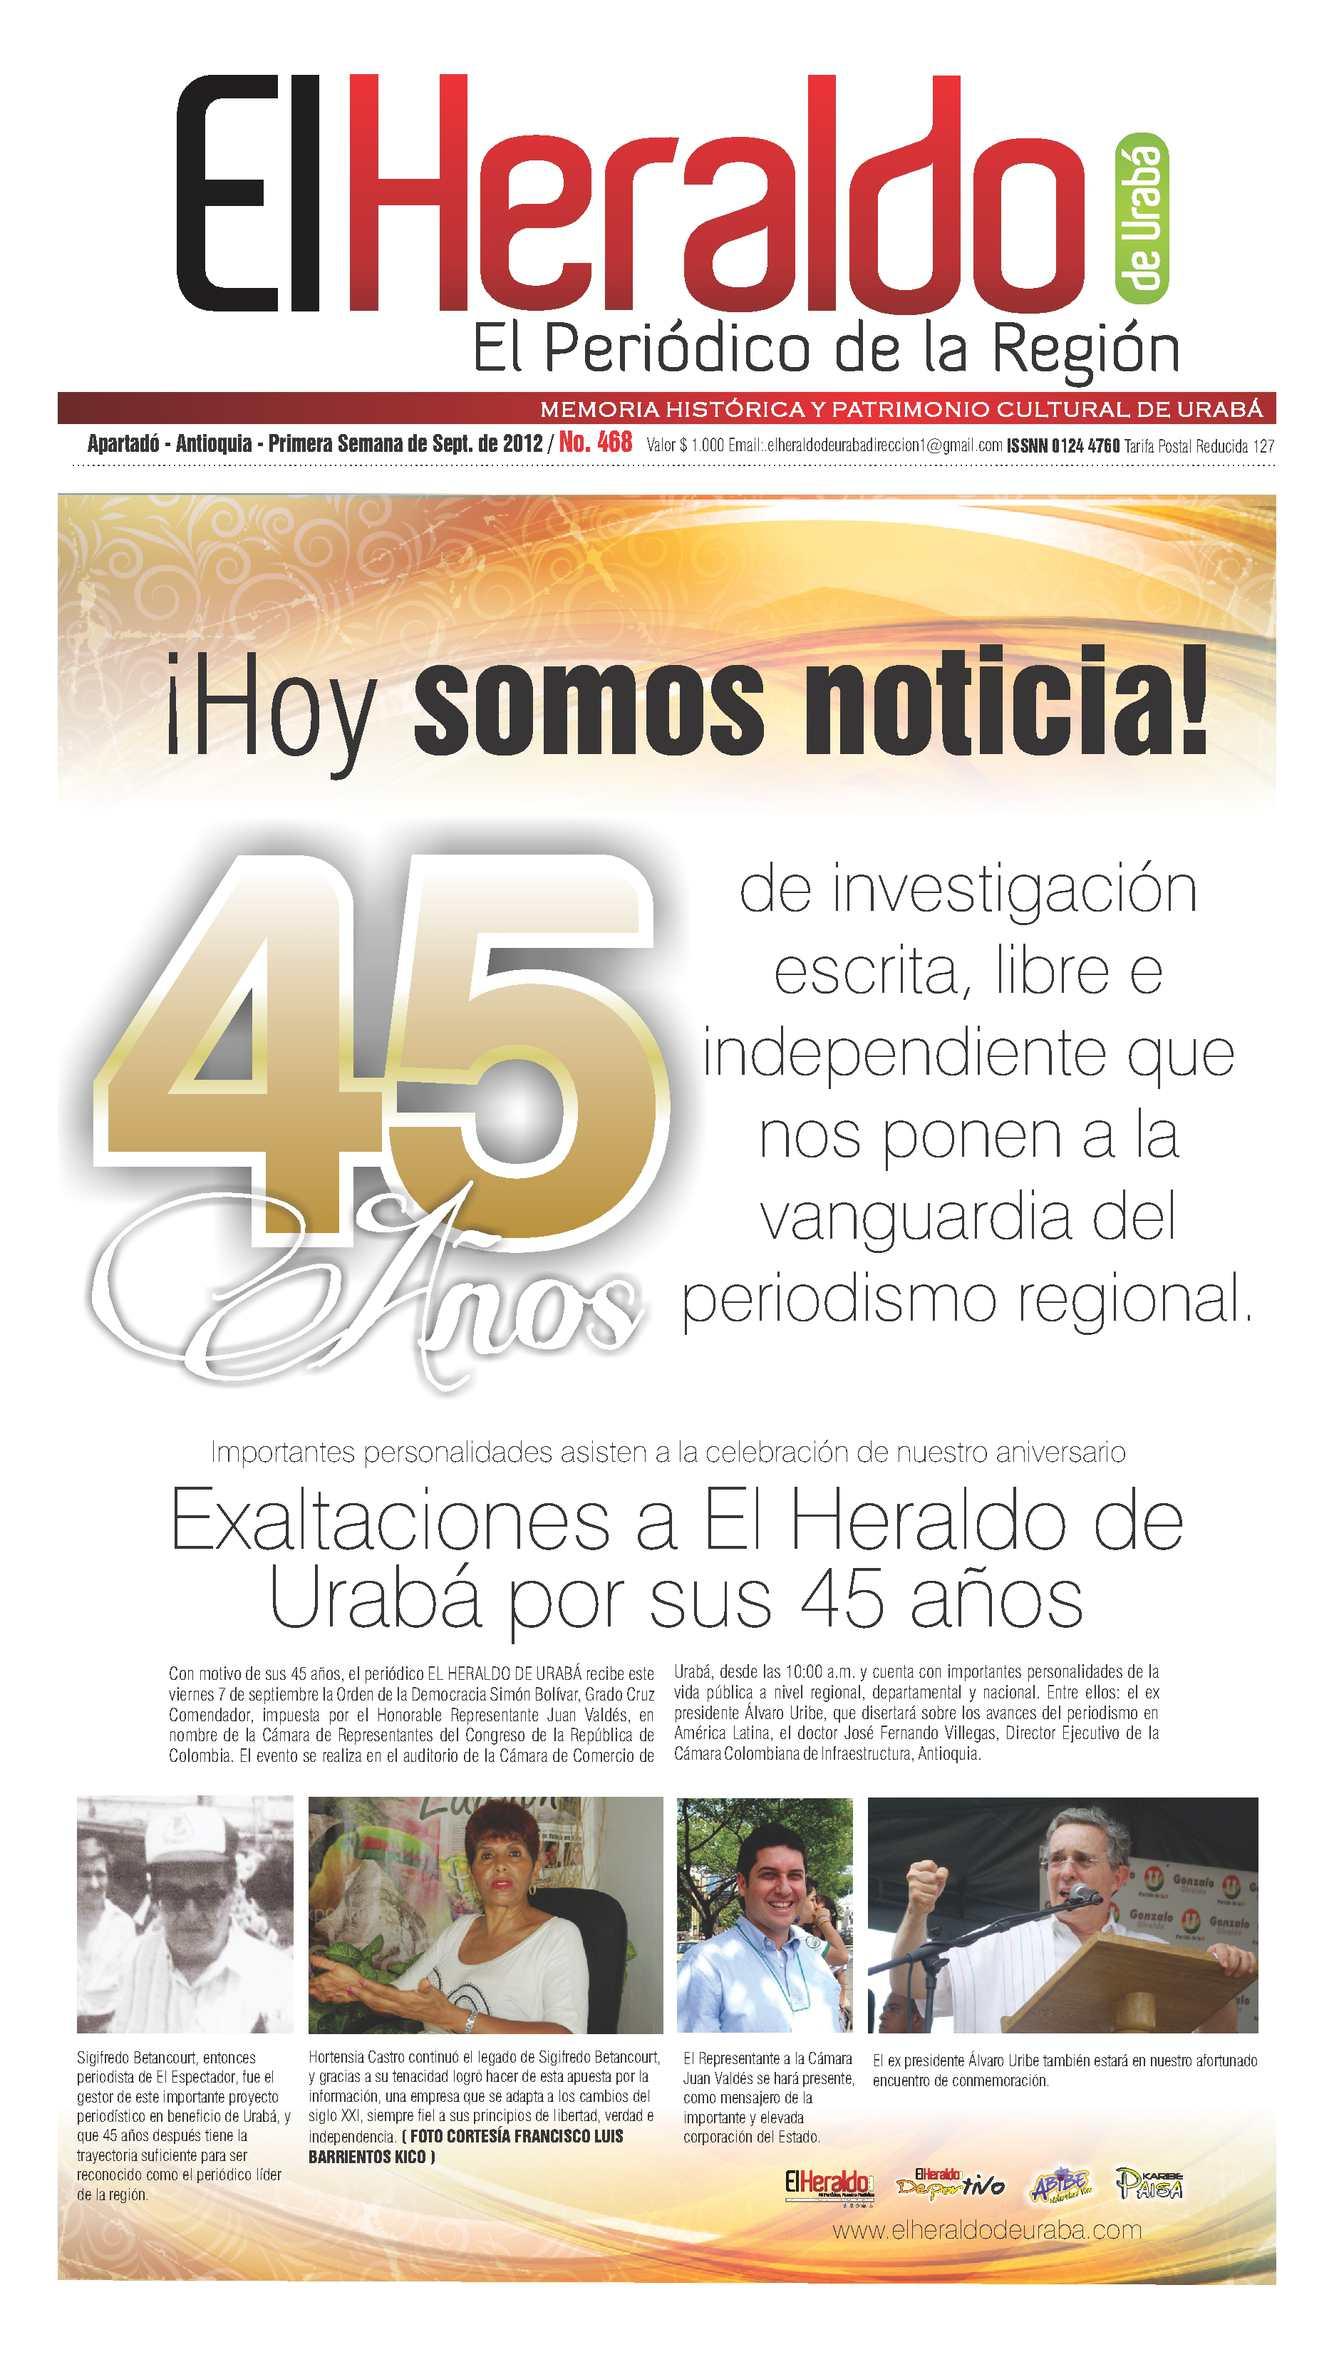 Calaméo - EL HERALDOD E URABA 468 PRIMERA SEMANA DE SEPT. DE 2012 08f0bf7d1f4